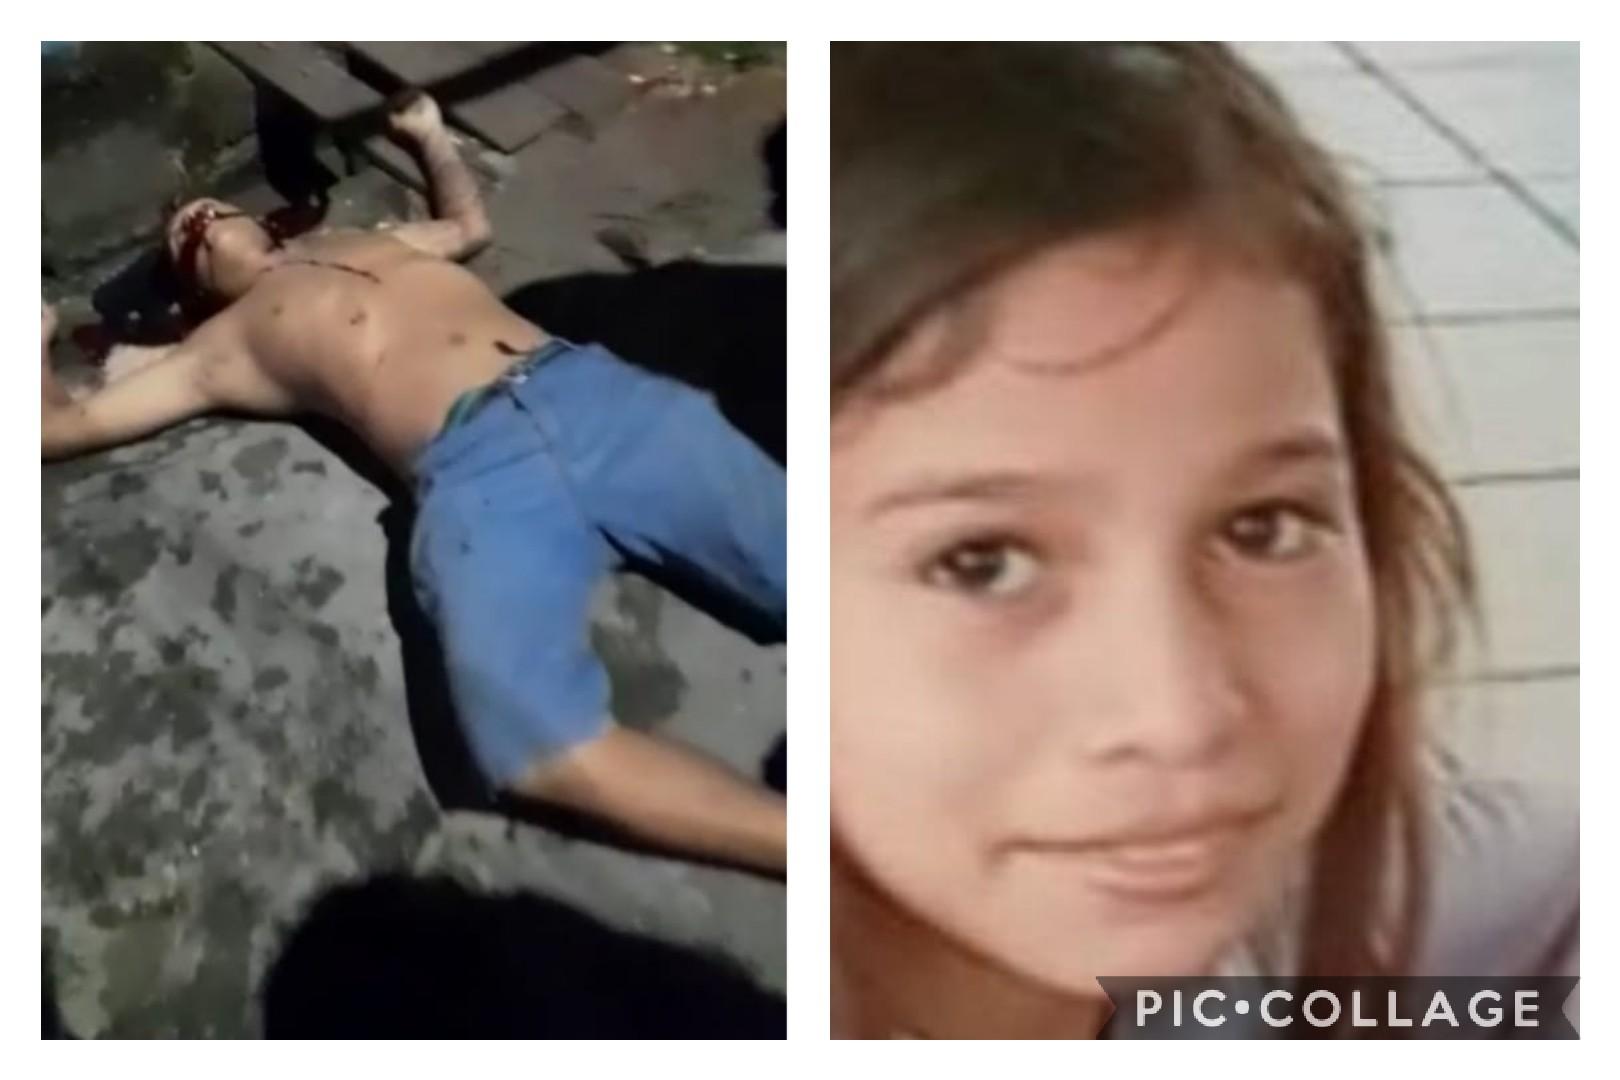 """ASSASSINOS - da menina Lohanny, de apenas 8 anos, podem ter executado o comparsa e colocado o bilhete escrito """"Morri porque matei criança"""""""